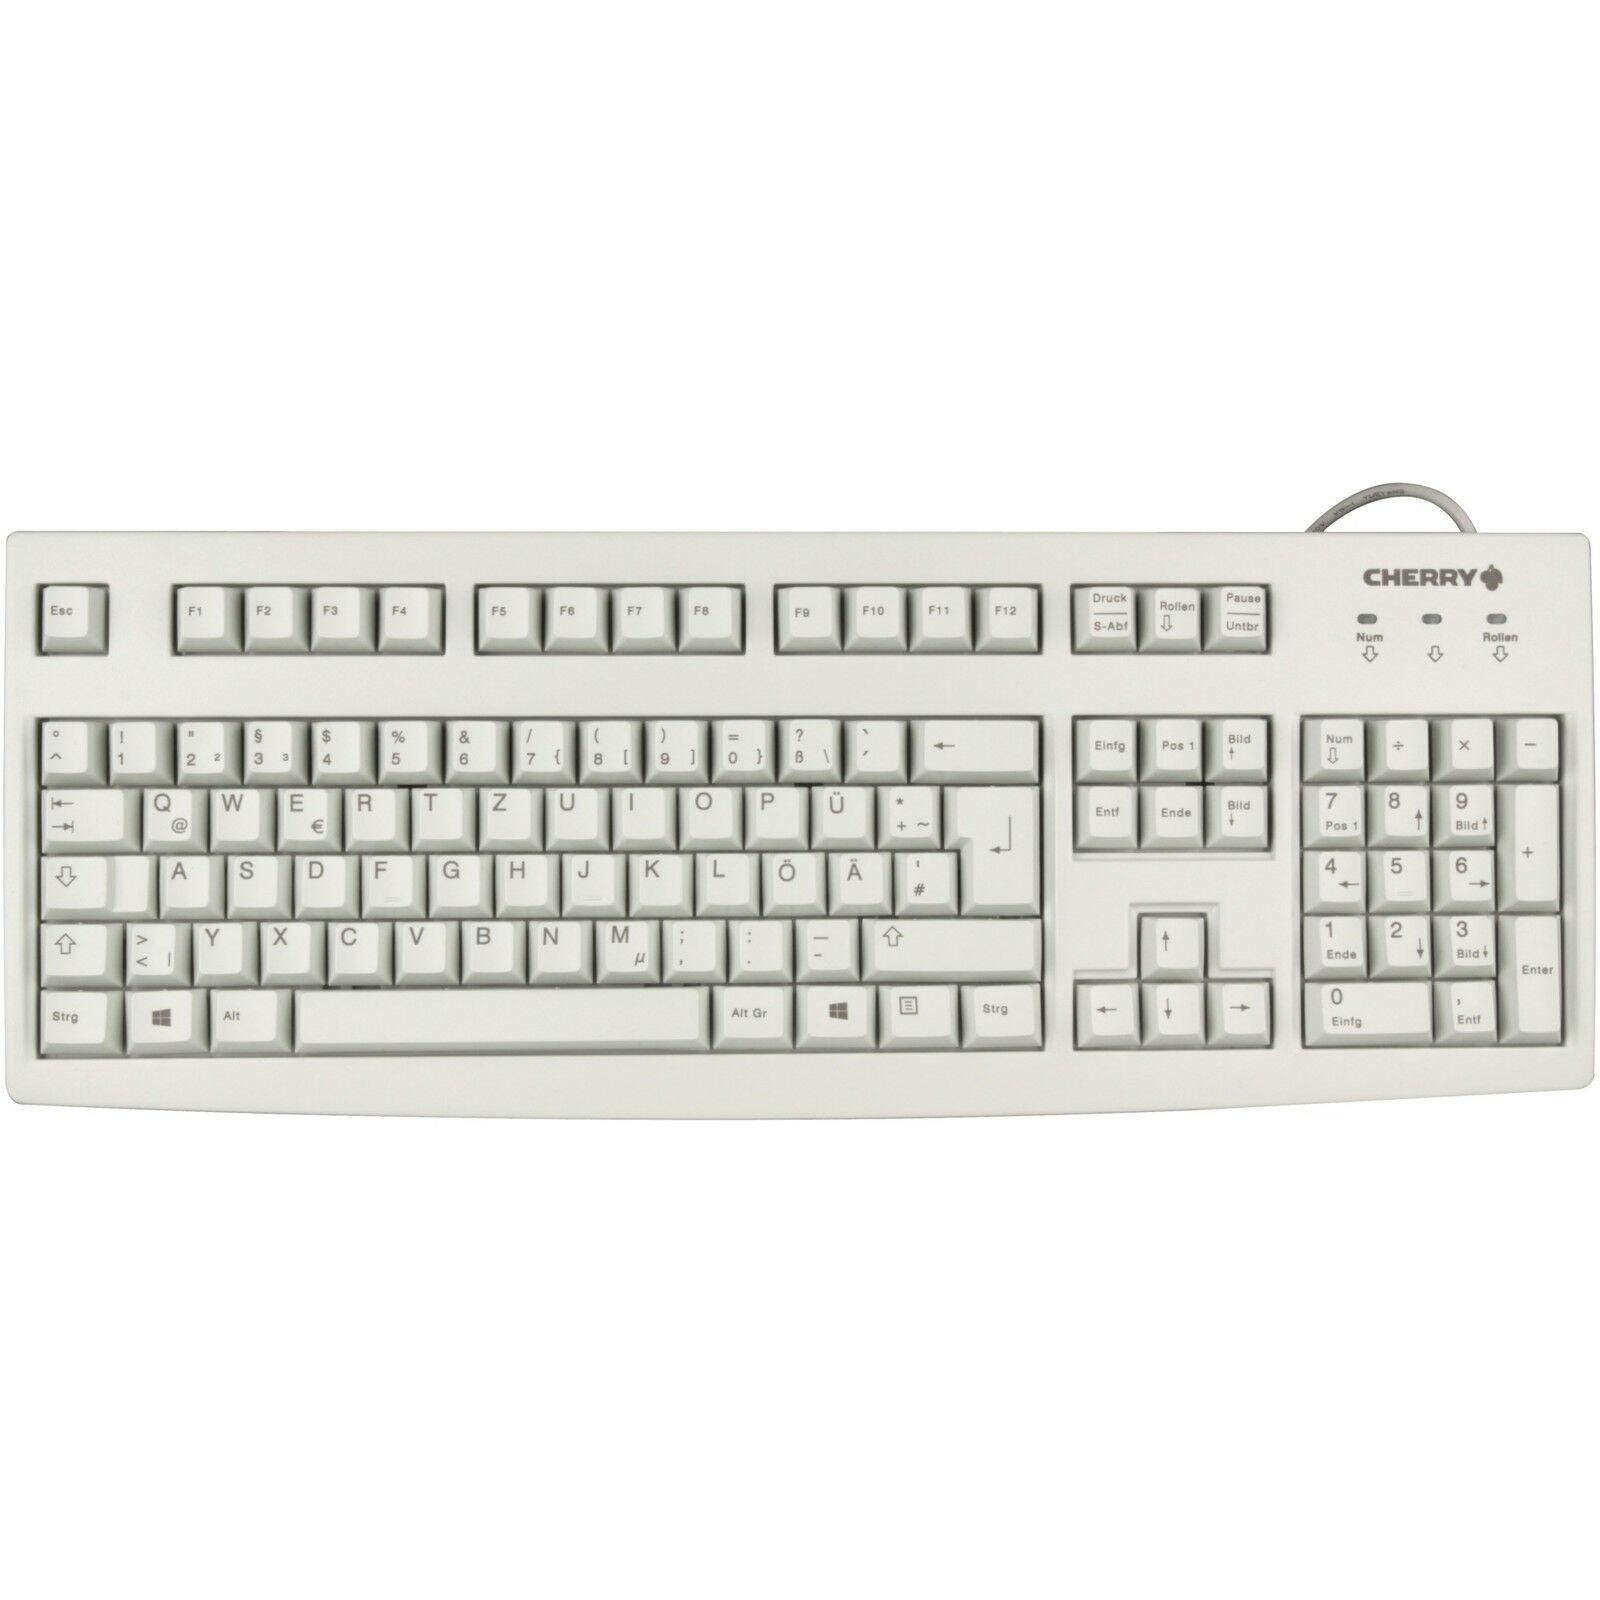 CHERRY Tastatur - Modell: Cherry Business Line G83-6105 Beige